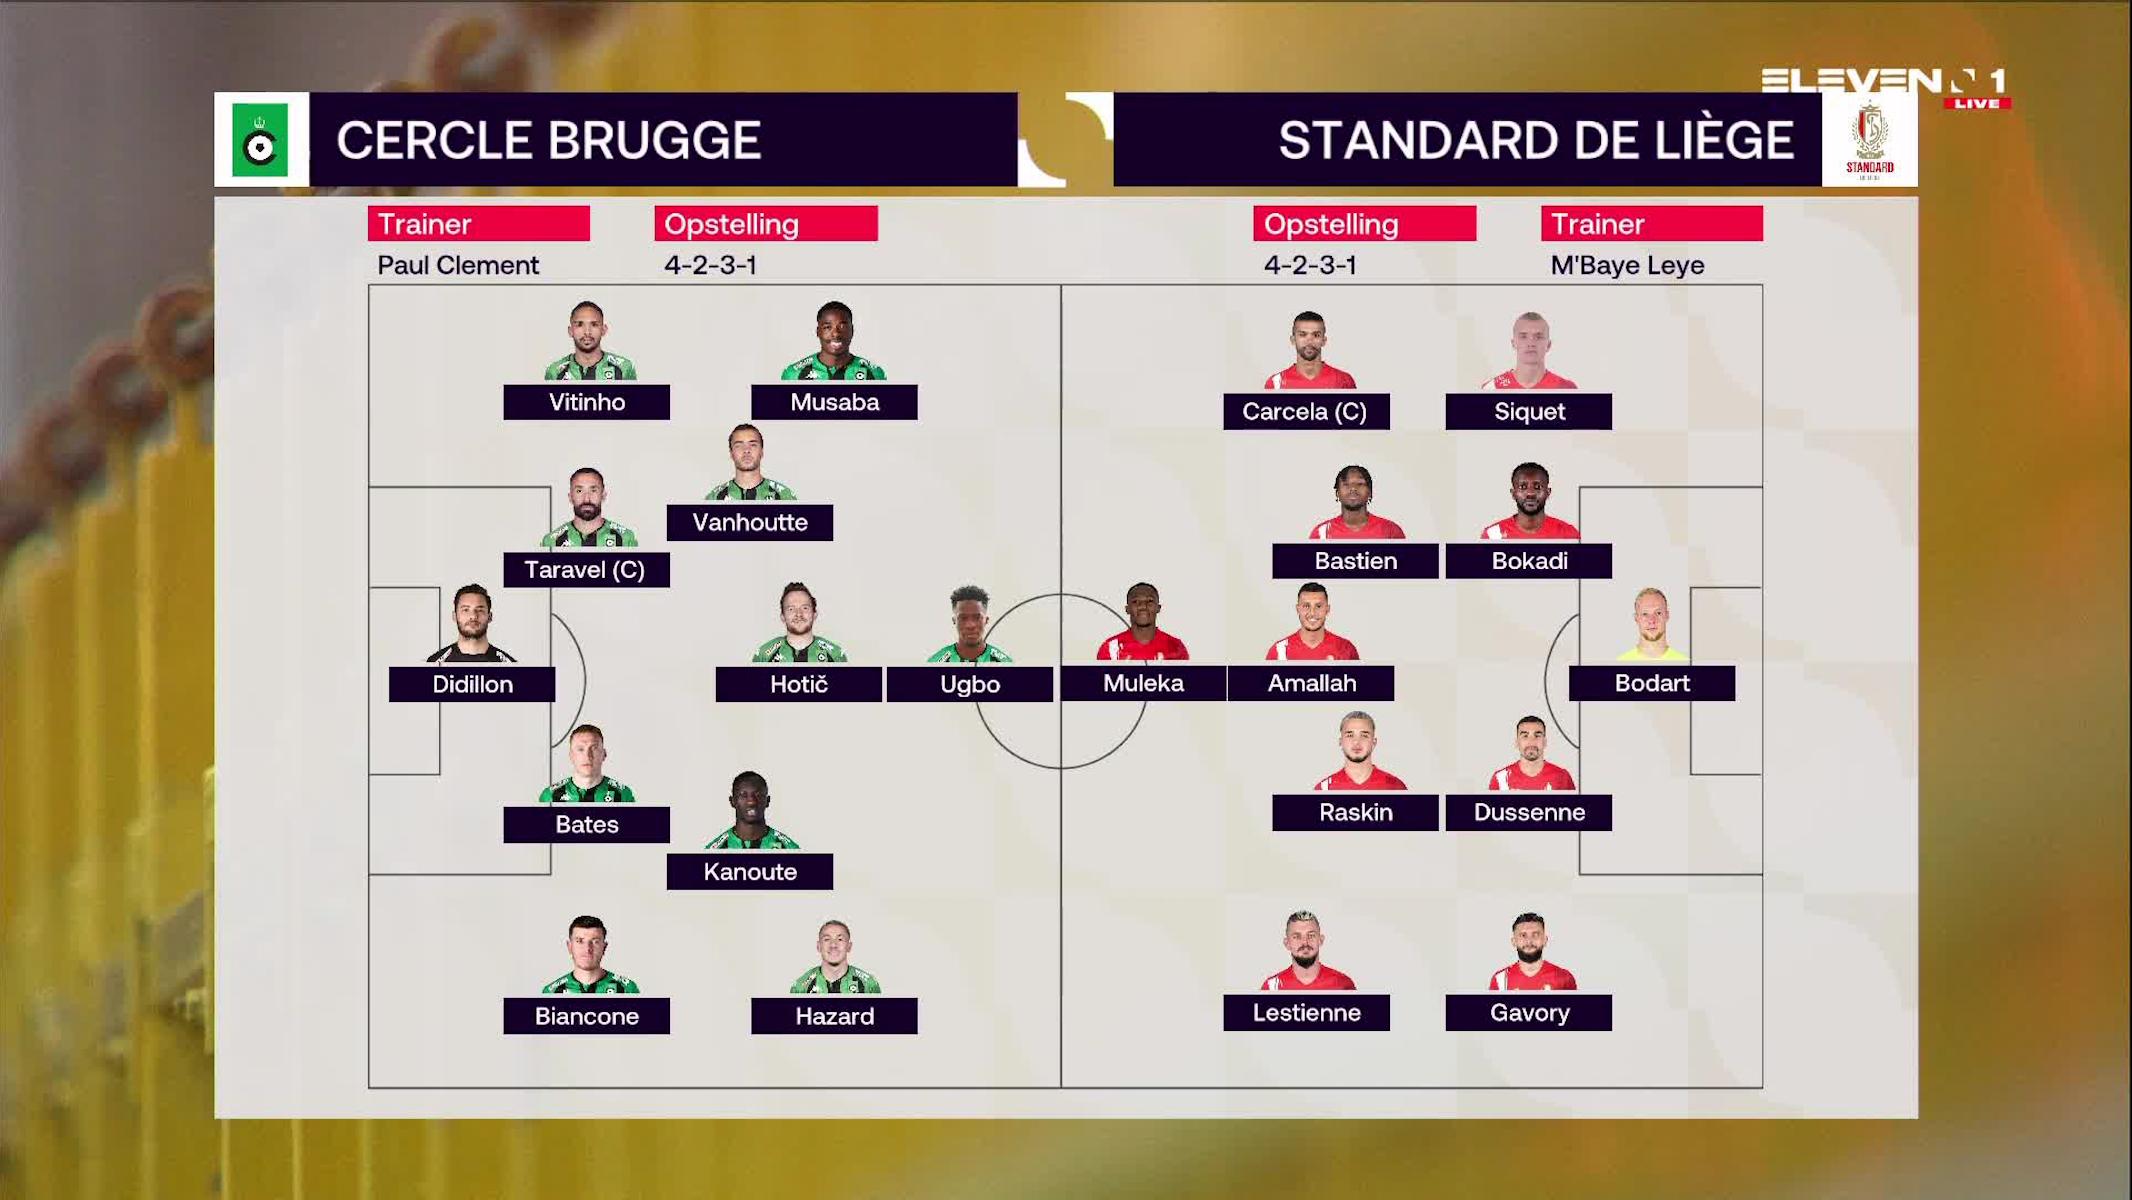 Samenvatting Cercle Brugge vs. Standard de Liège